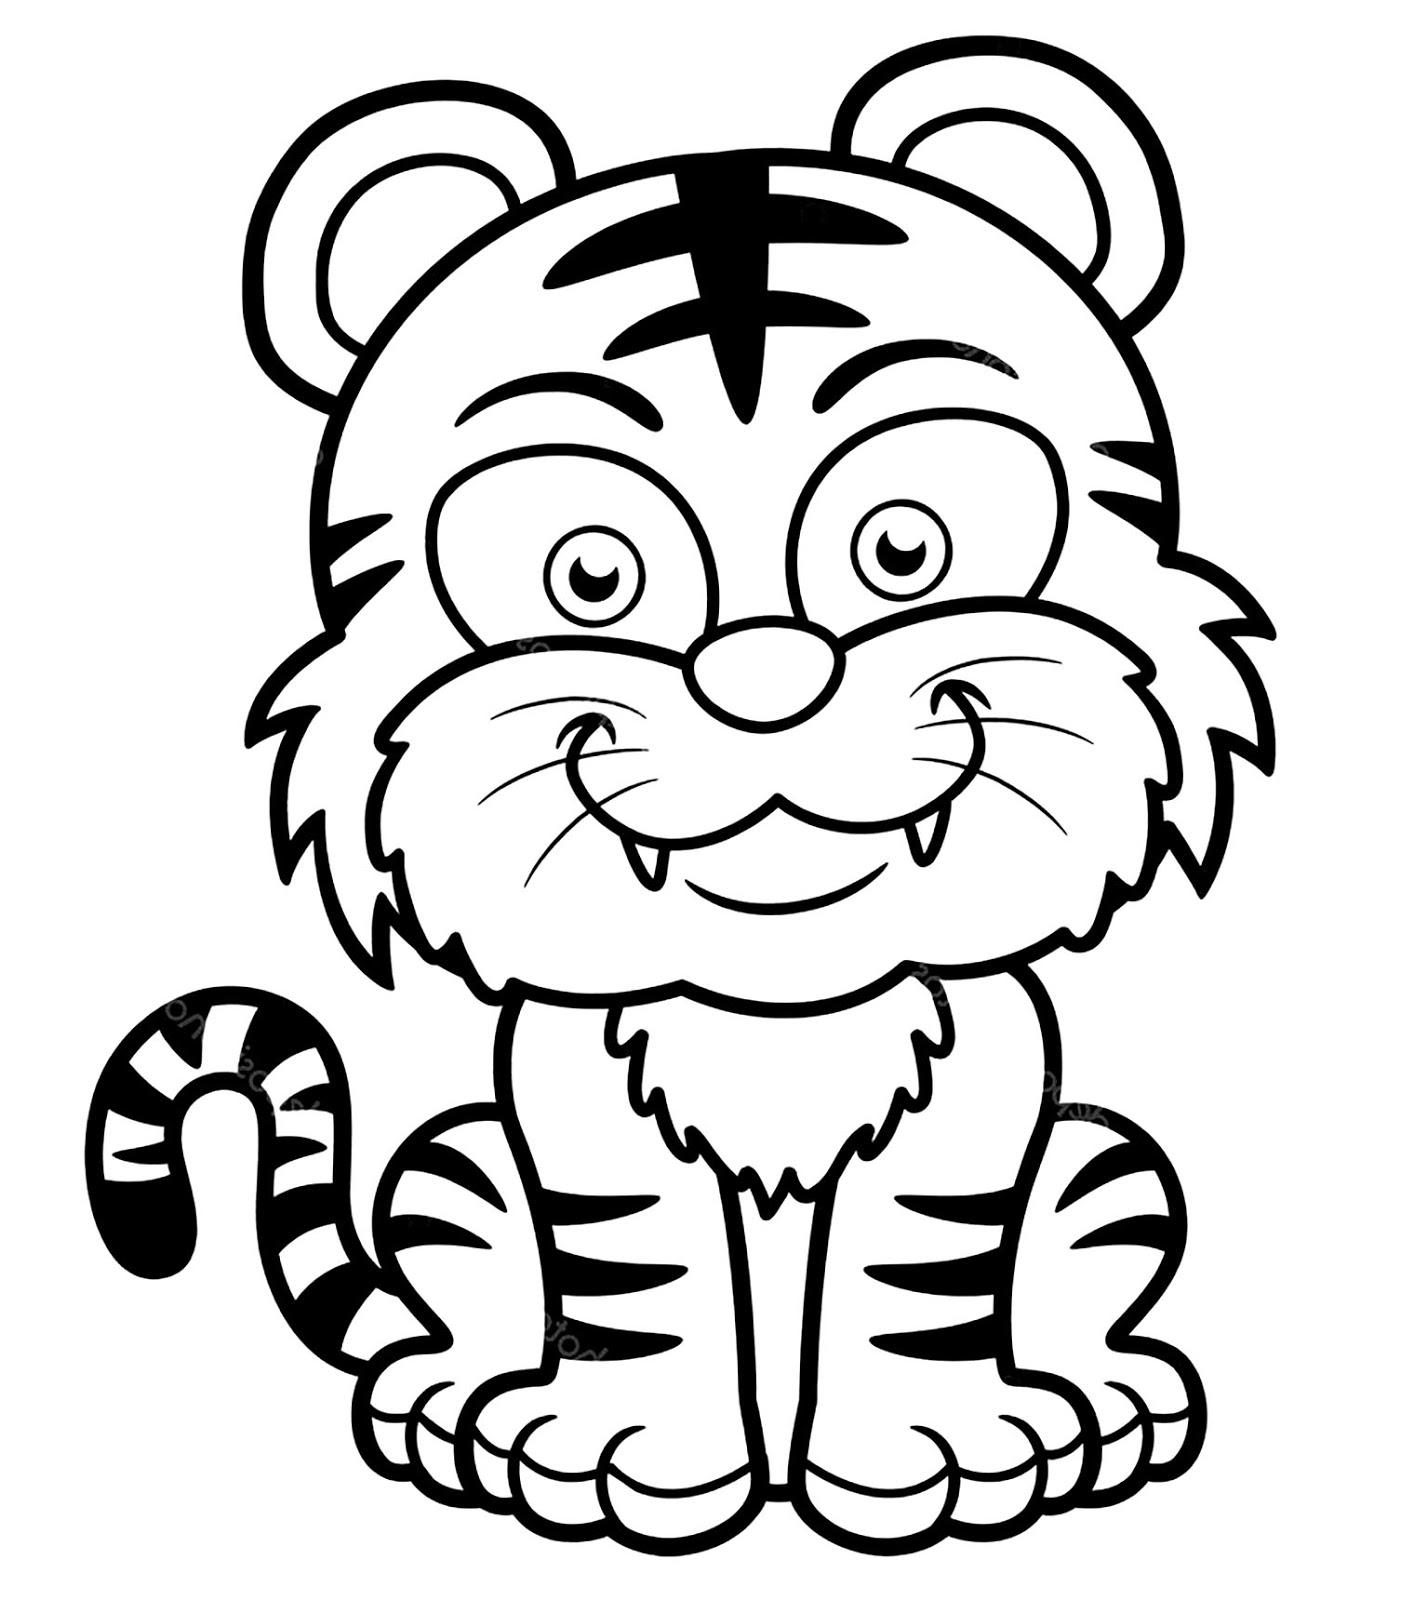 Tranh tô màu con hổ cute